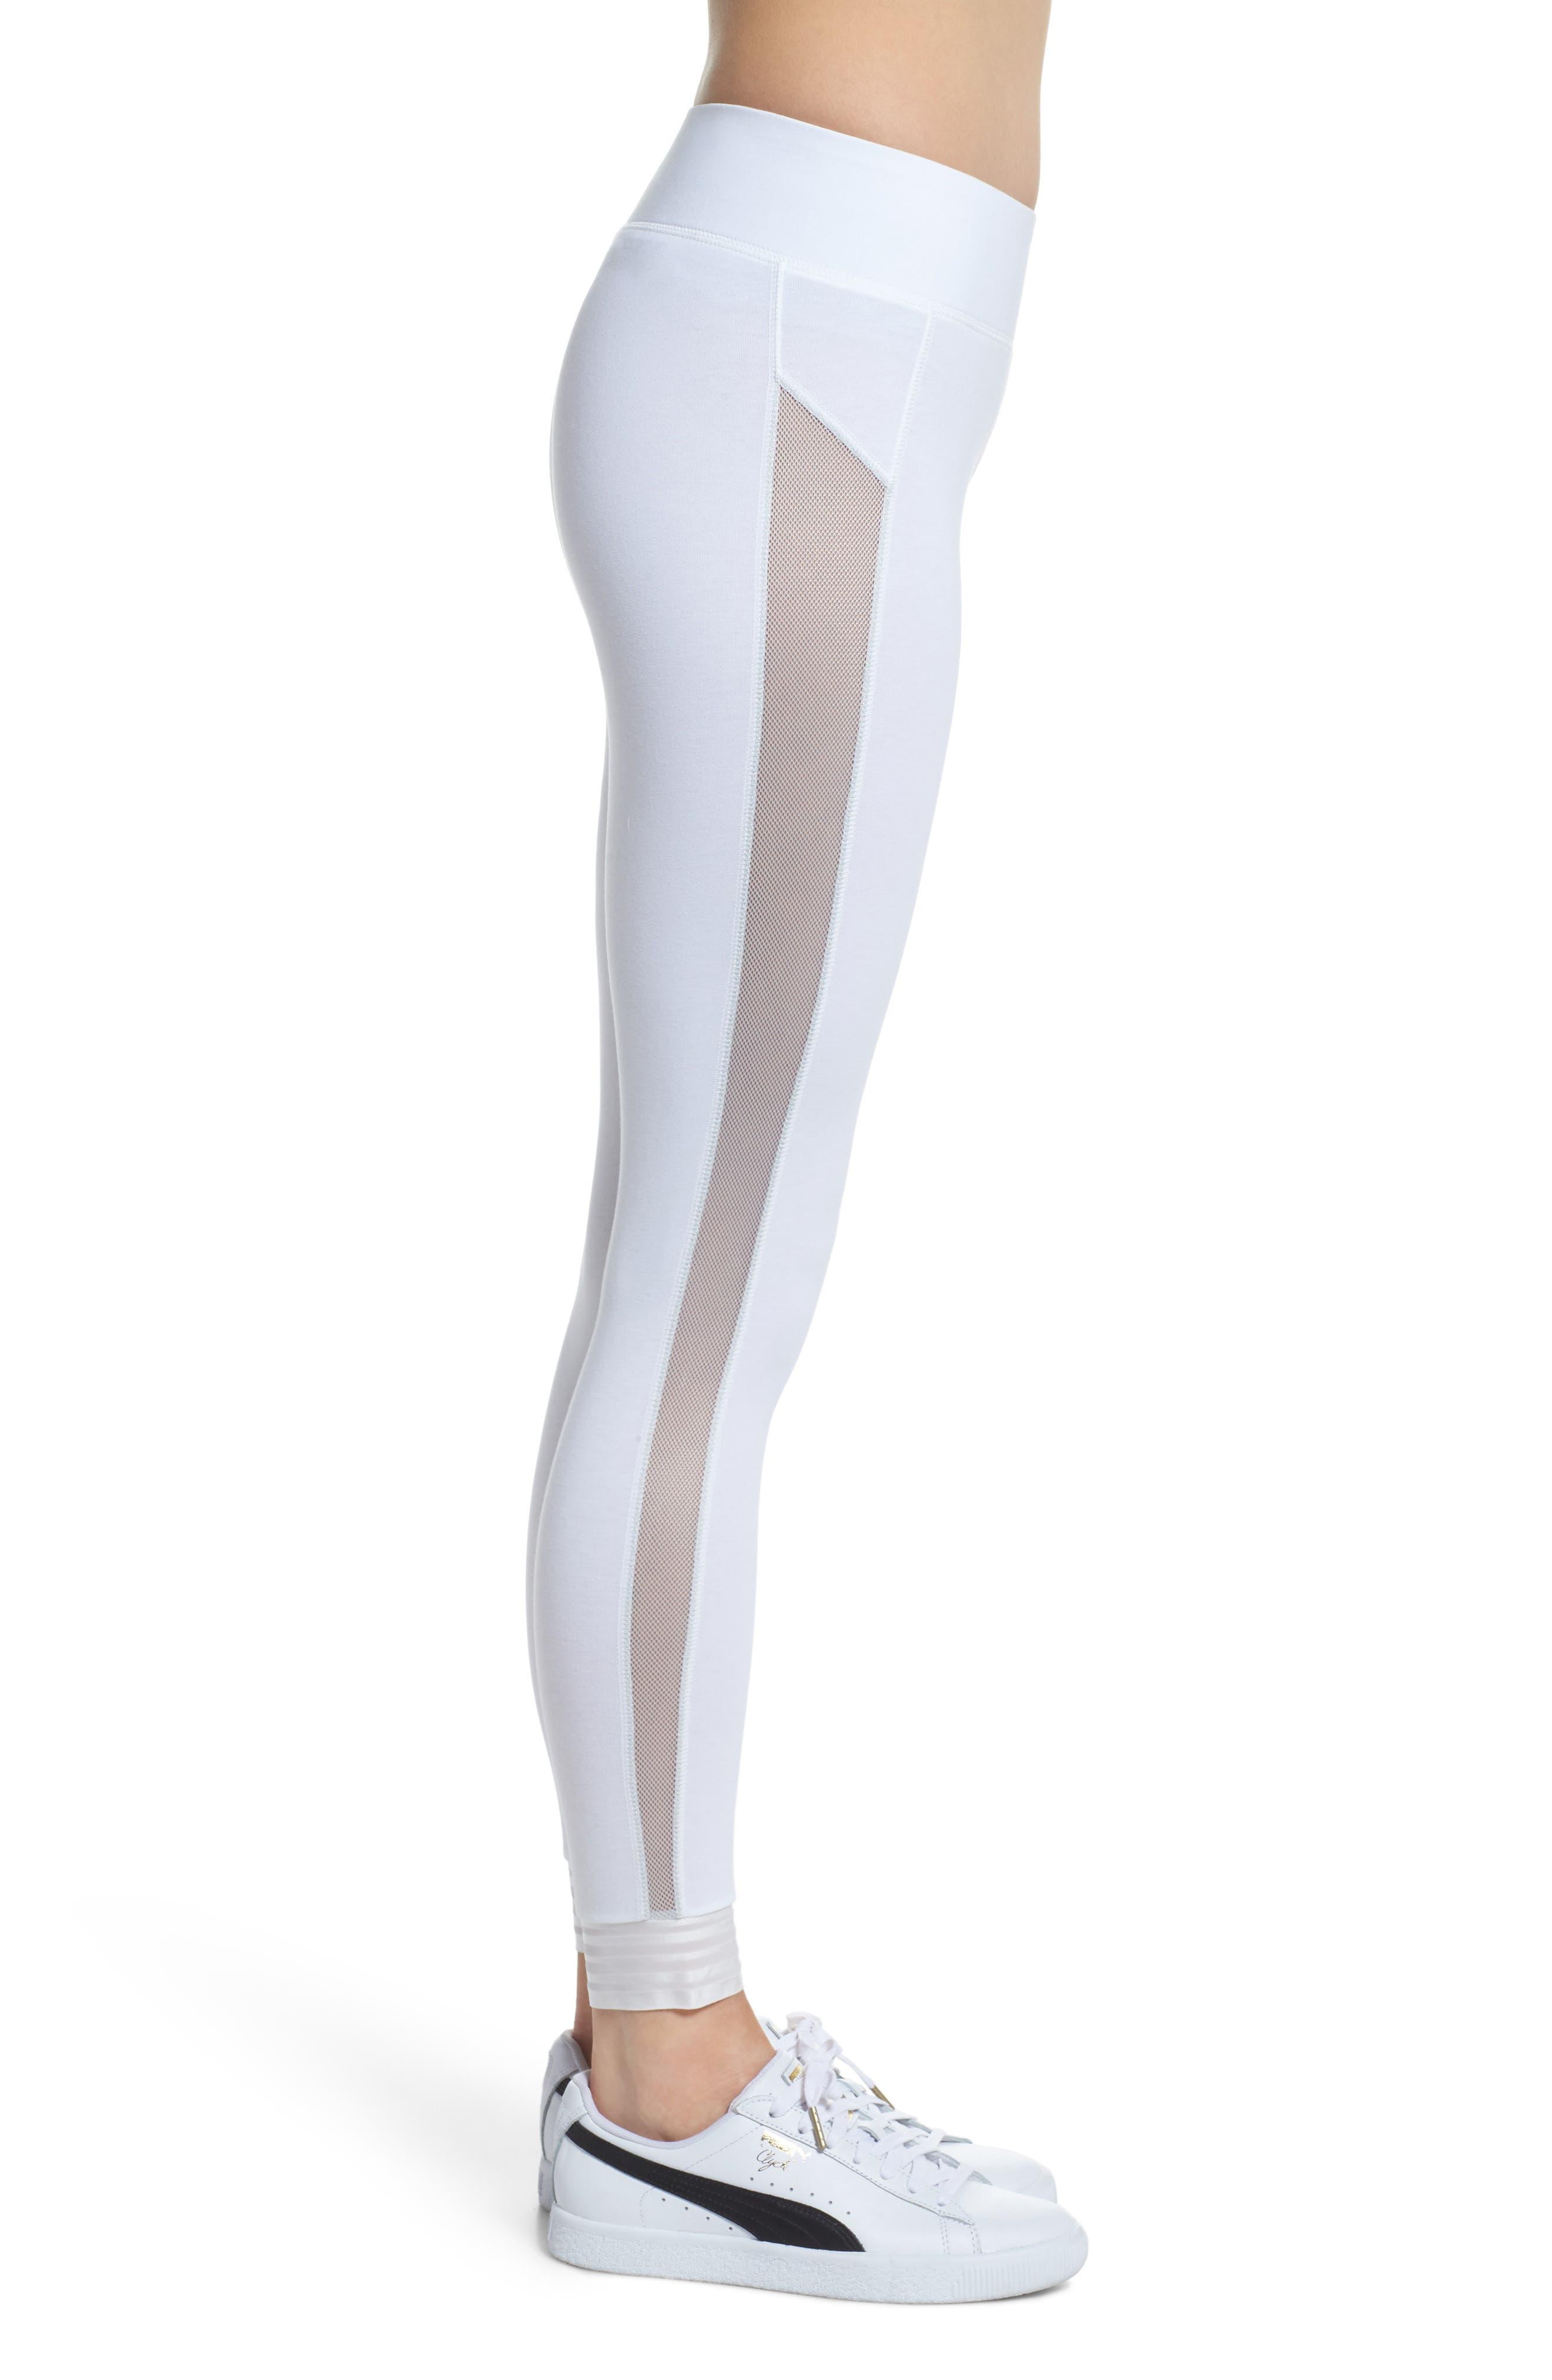 T7 Leggings,                             Alternate thumbnail 3, color,                             Puma White